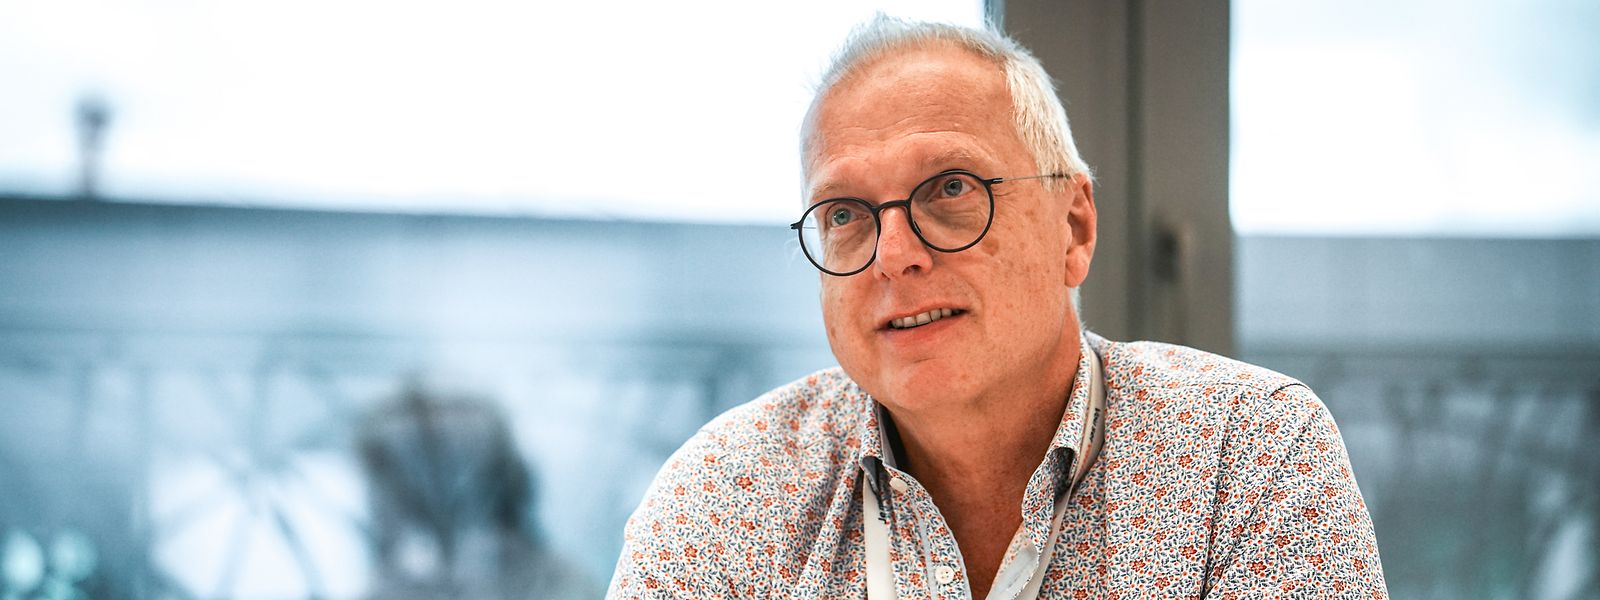 Le Dr Jean-Claude Schmit, directeur de la Santé depuis 2016 et spécialiste des maladies infectieuses.